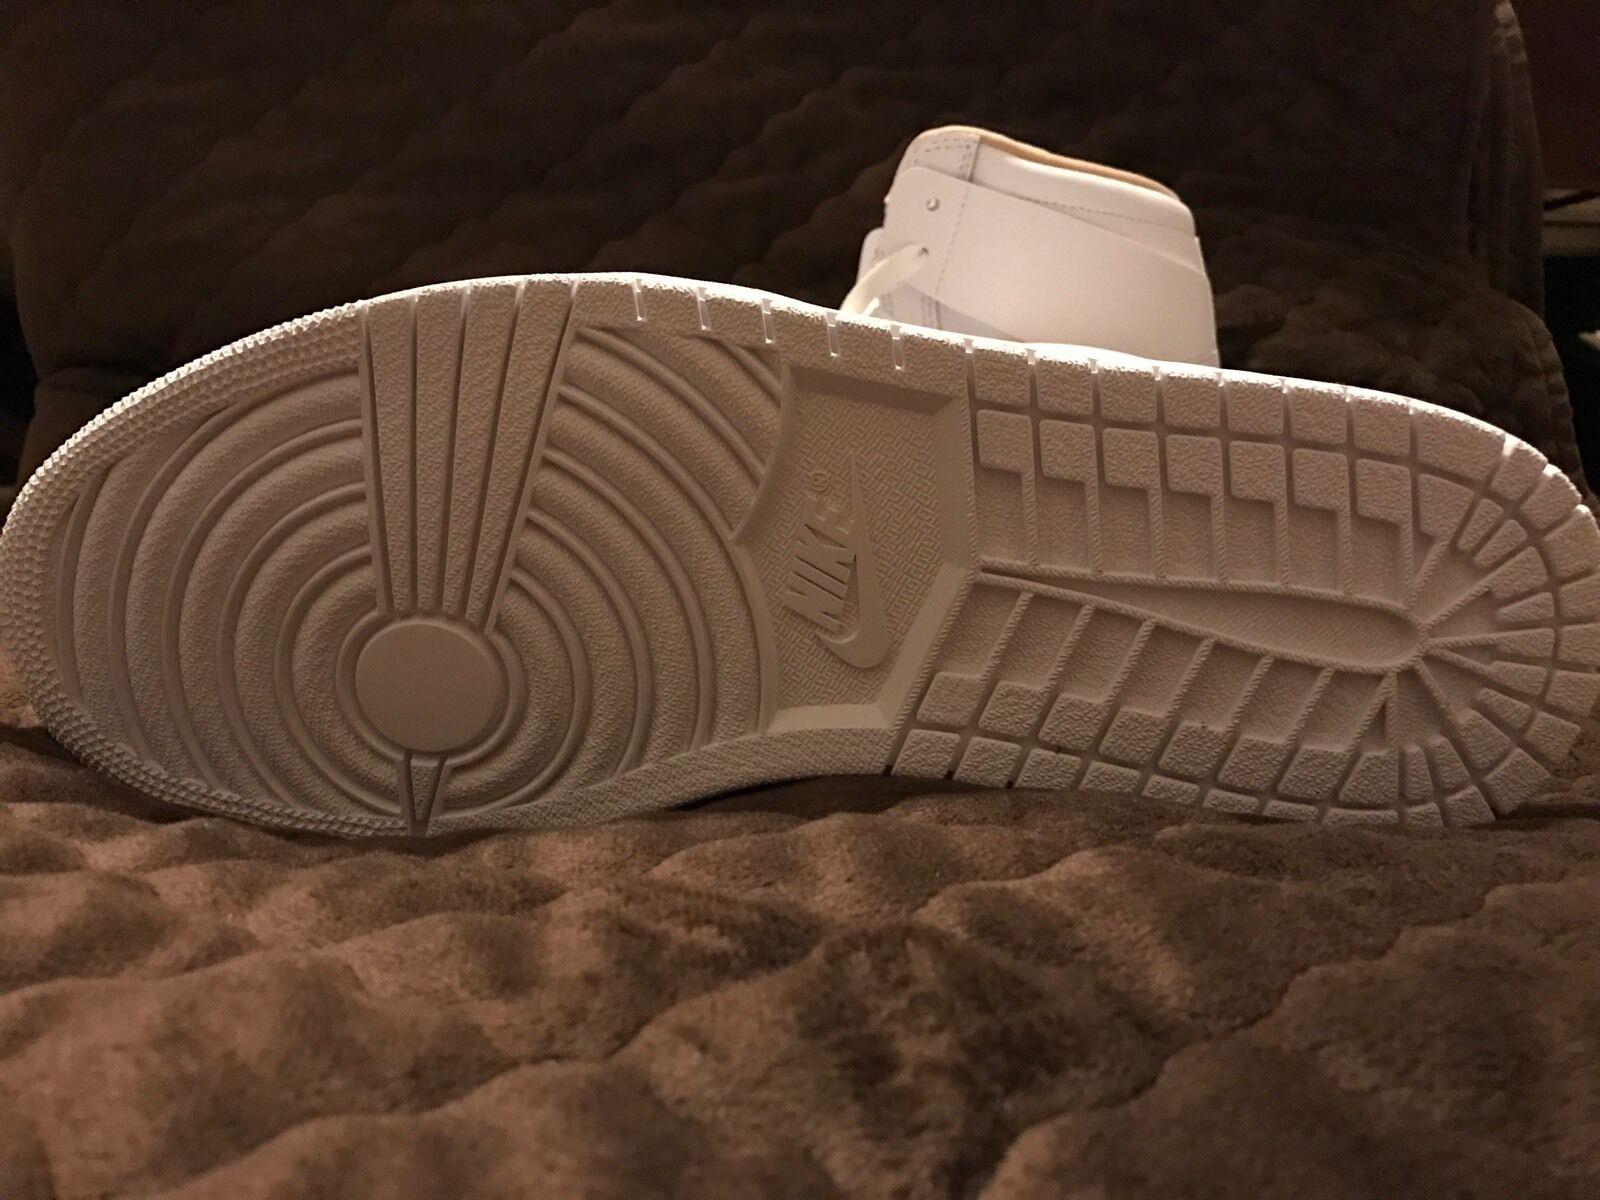 Comfortable and good-looking Mens Air Jordan 1 Retro High, Comfortable